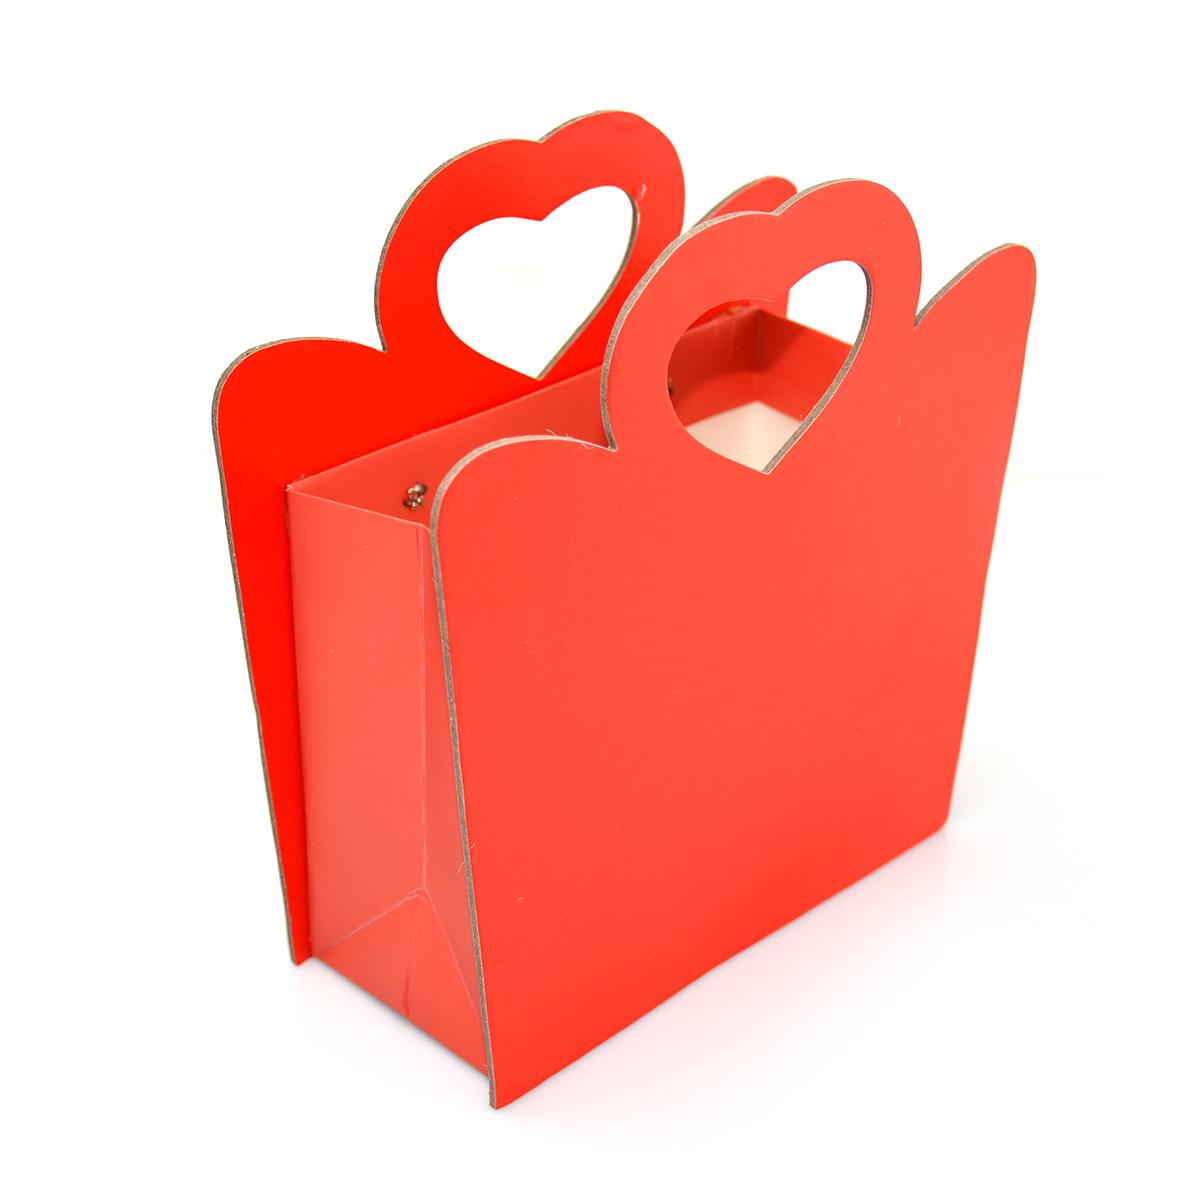 Scatola di cartone pieghevole con manico a cuore duro, lato rosso